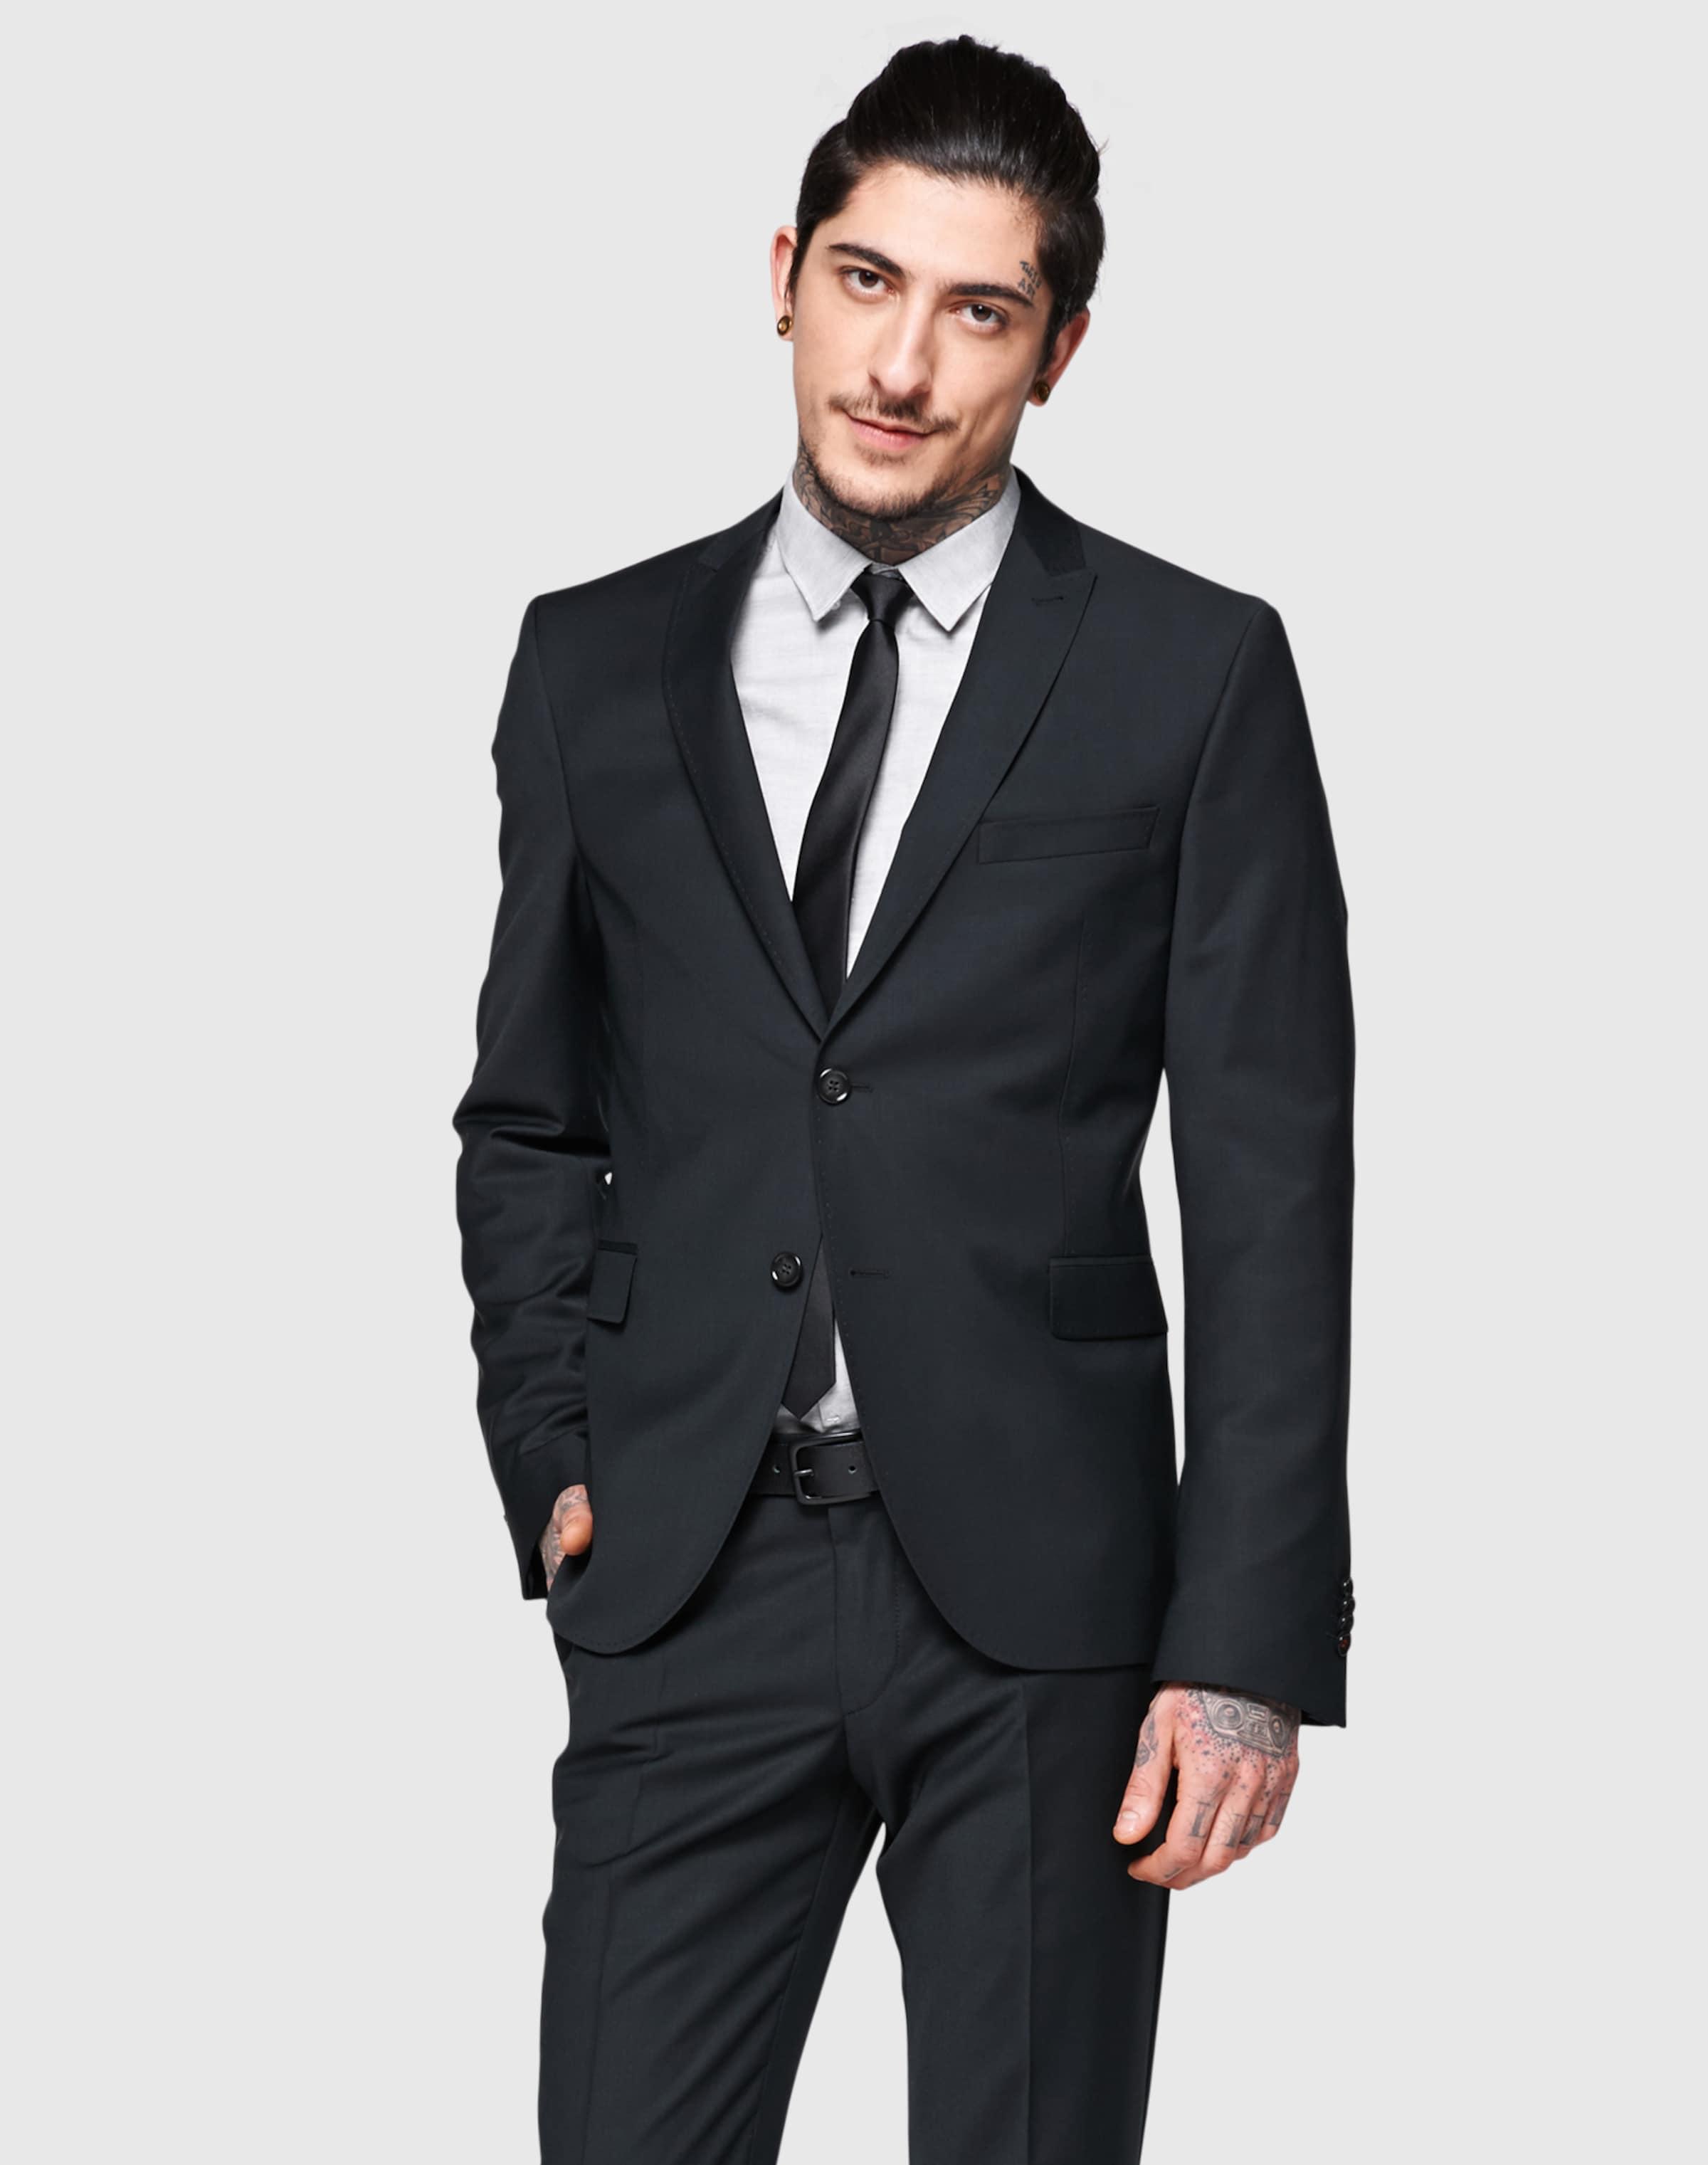 Costume En De 'cipanetti' Cinque Noir Veste Rj54LA